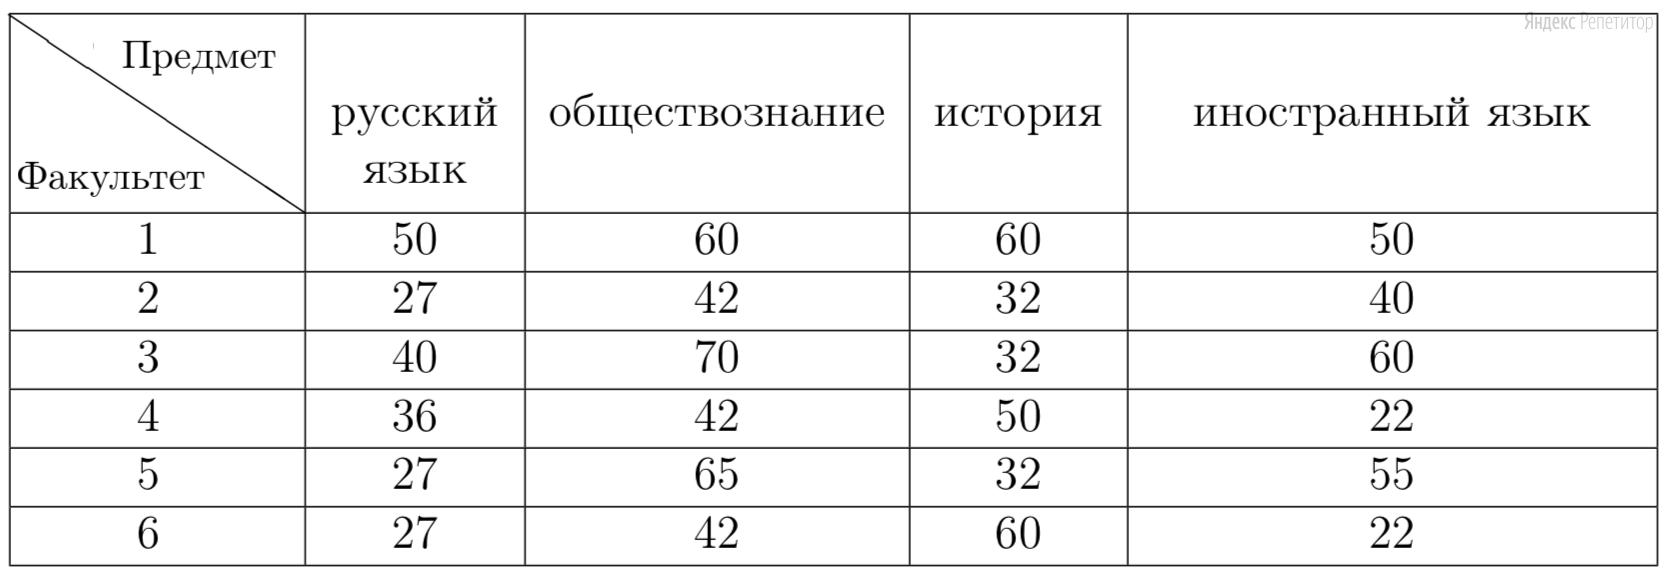 В таблице 1 приведены минимальные баллы ЕГЭ по четырём предметам, необходимые для подачи документов на факультеты 1–6.